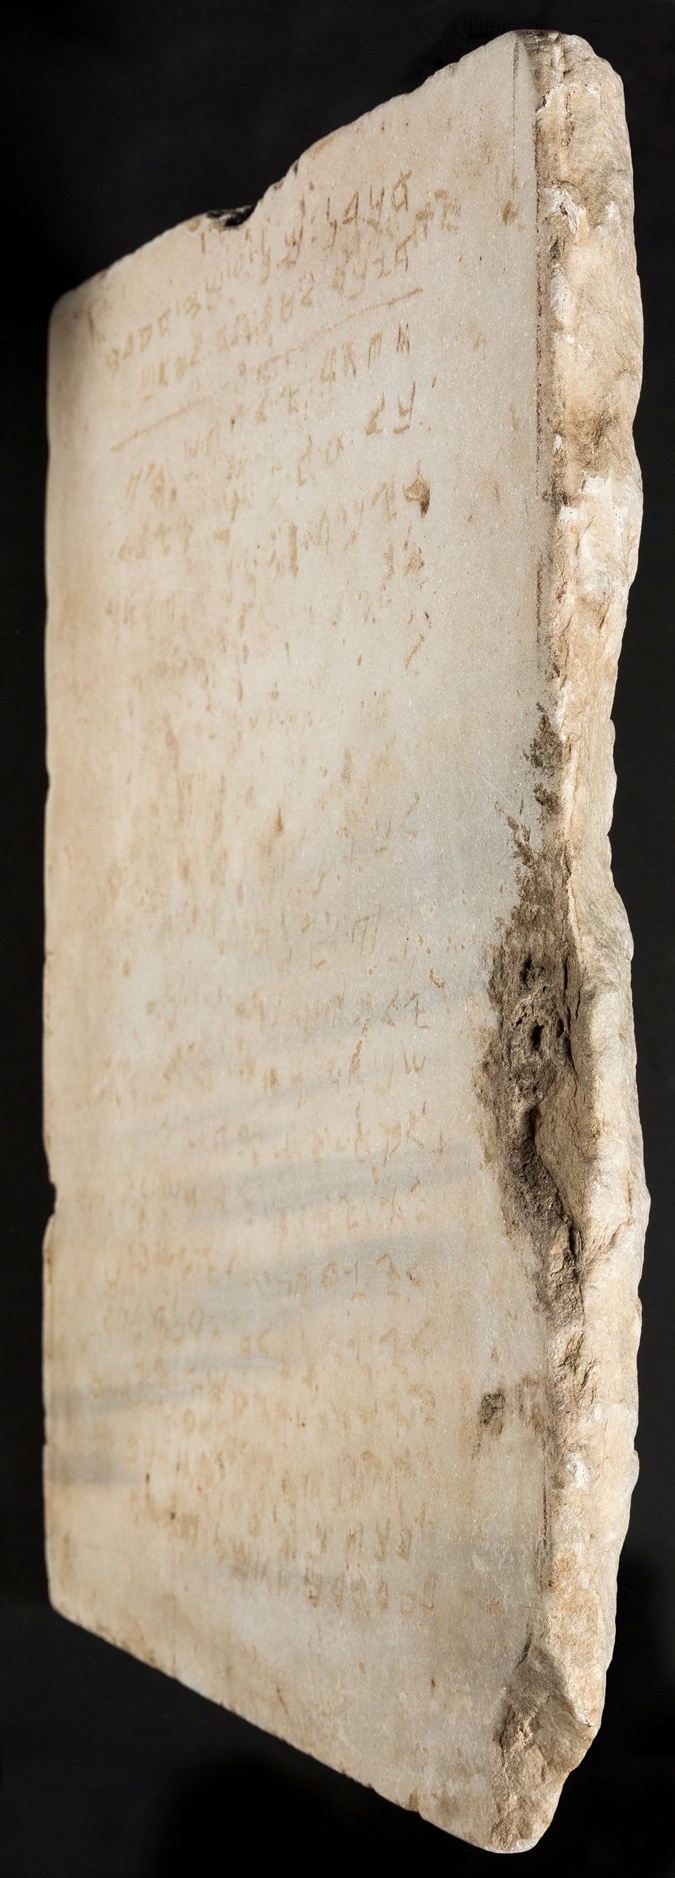 Мраморную доску выставят в музее.